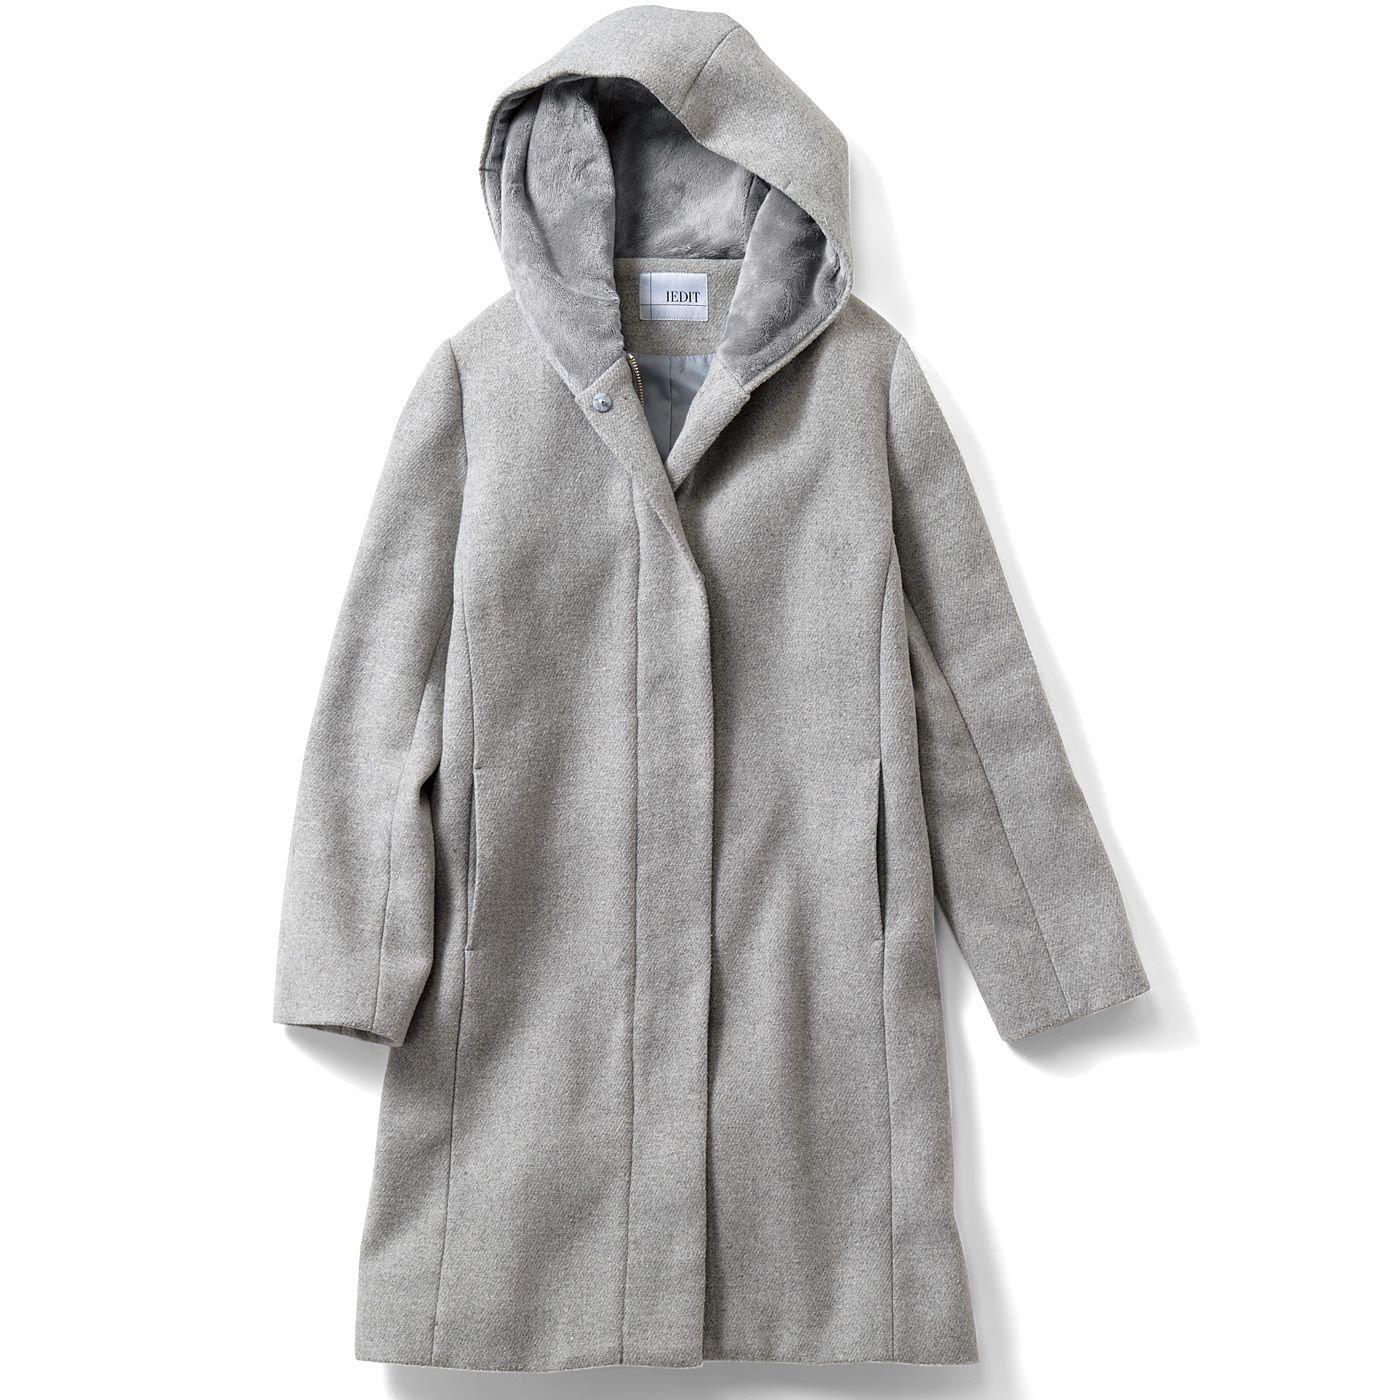 IEDIT ウール混フード付き きれいめコート〈ライトグレー〉